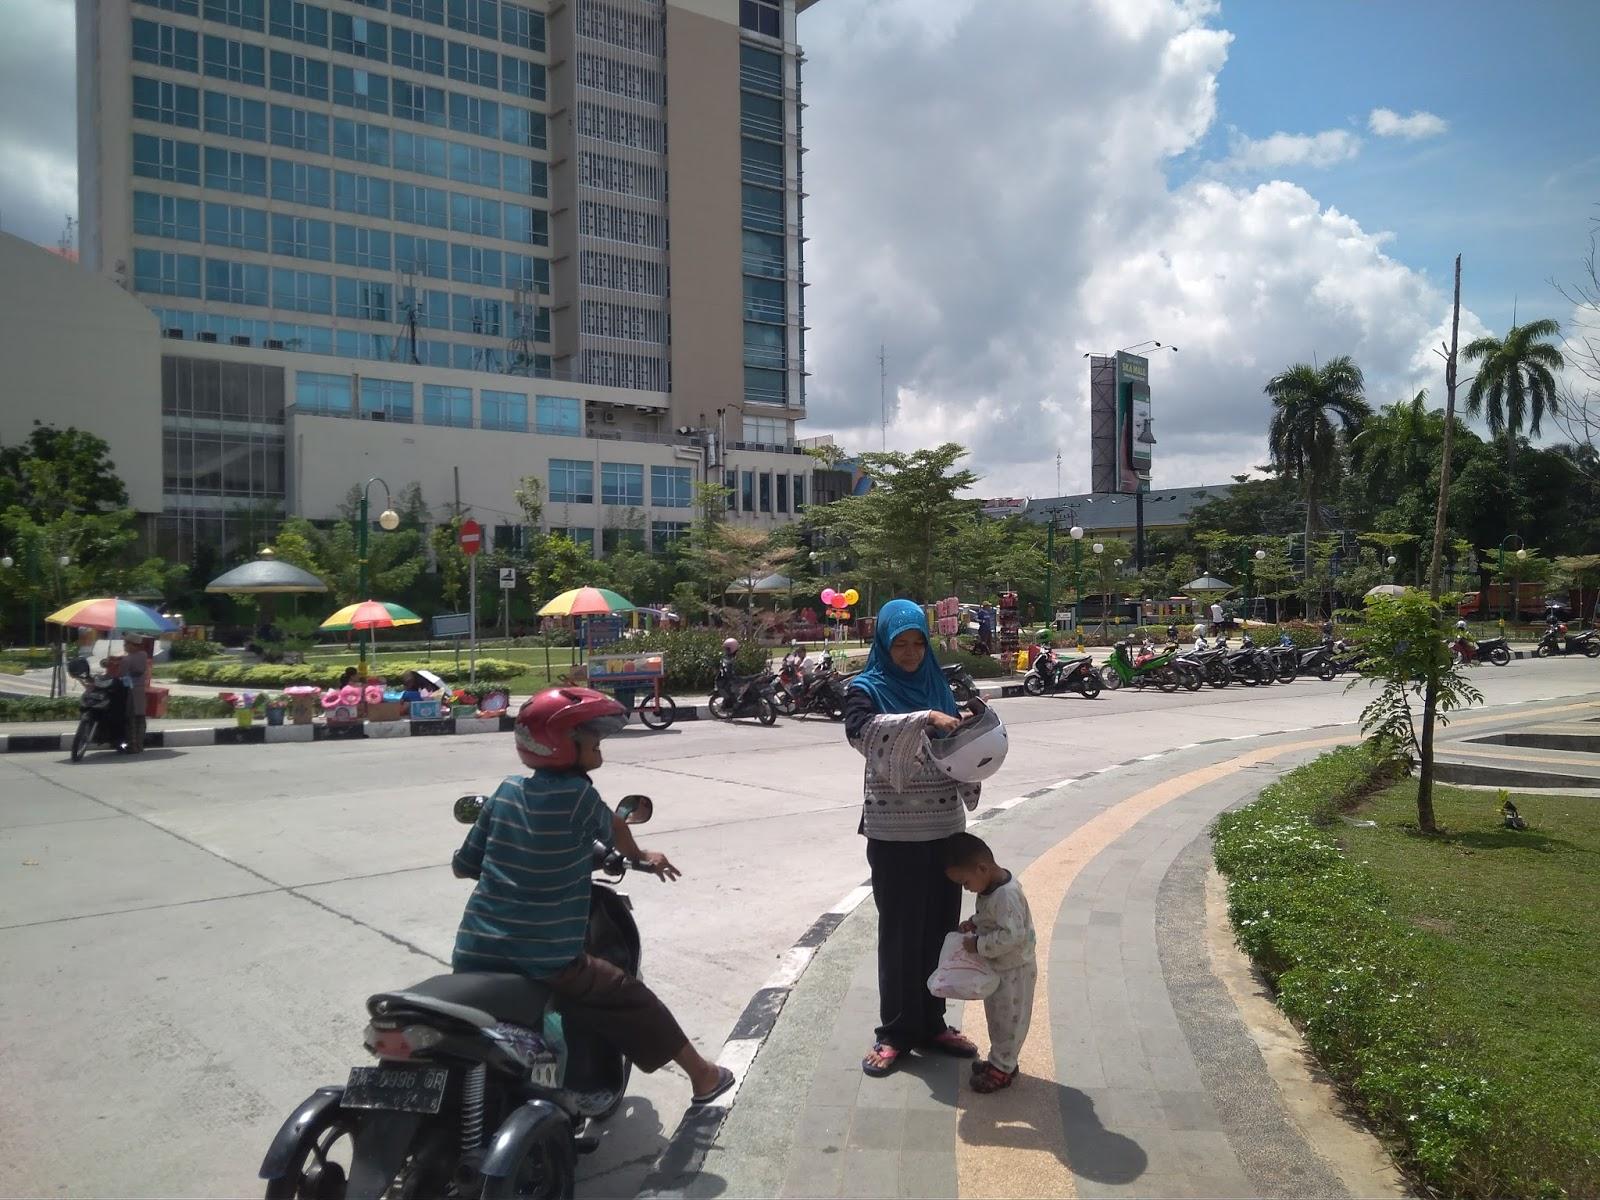 Nuansa Indah Taman Rth Putri Kaca Mayang Sudirman Pekanbaru Terletak